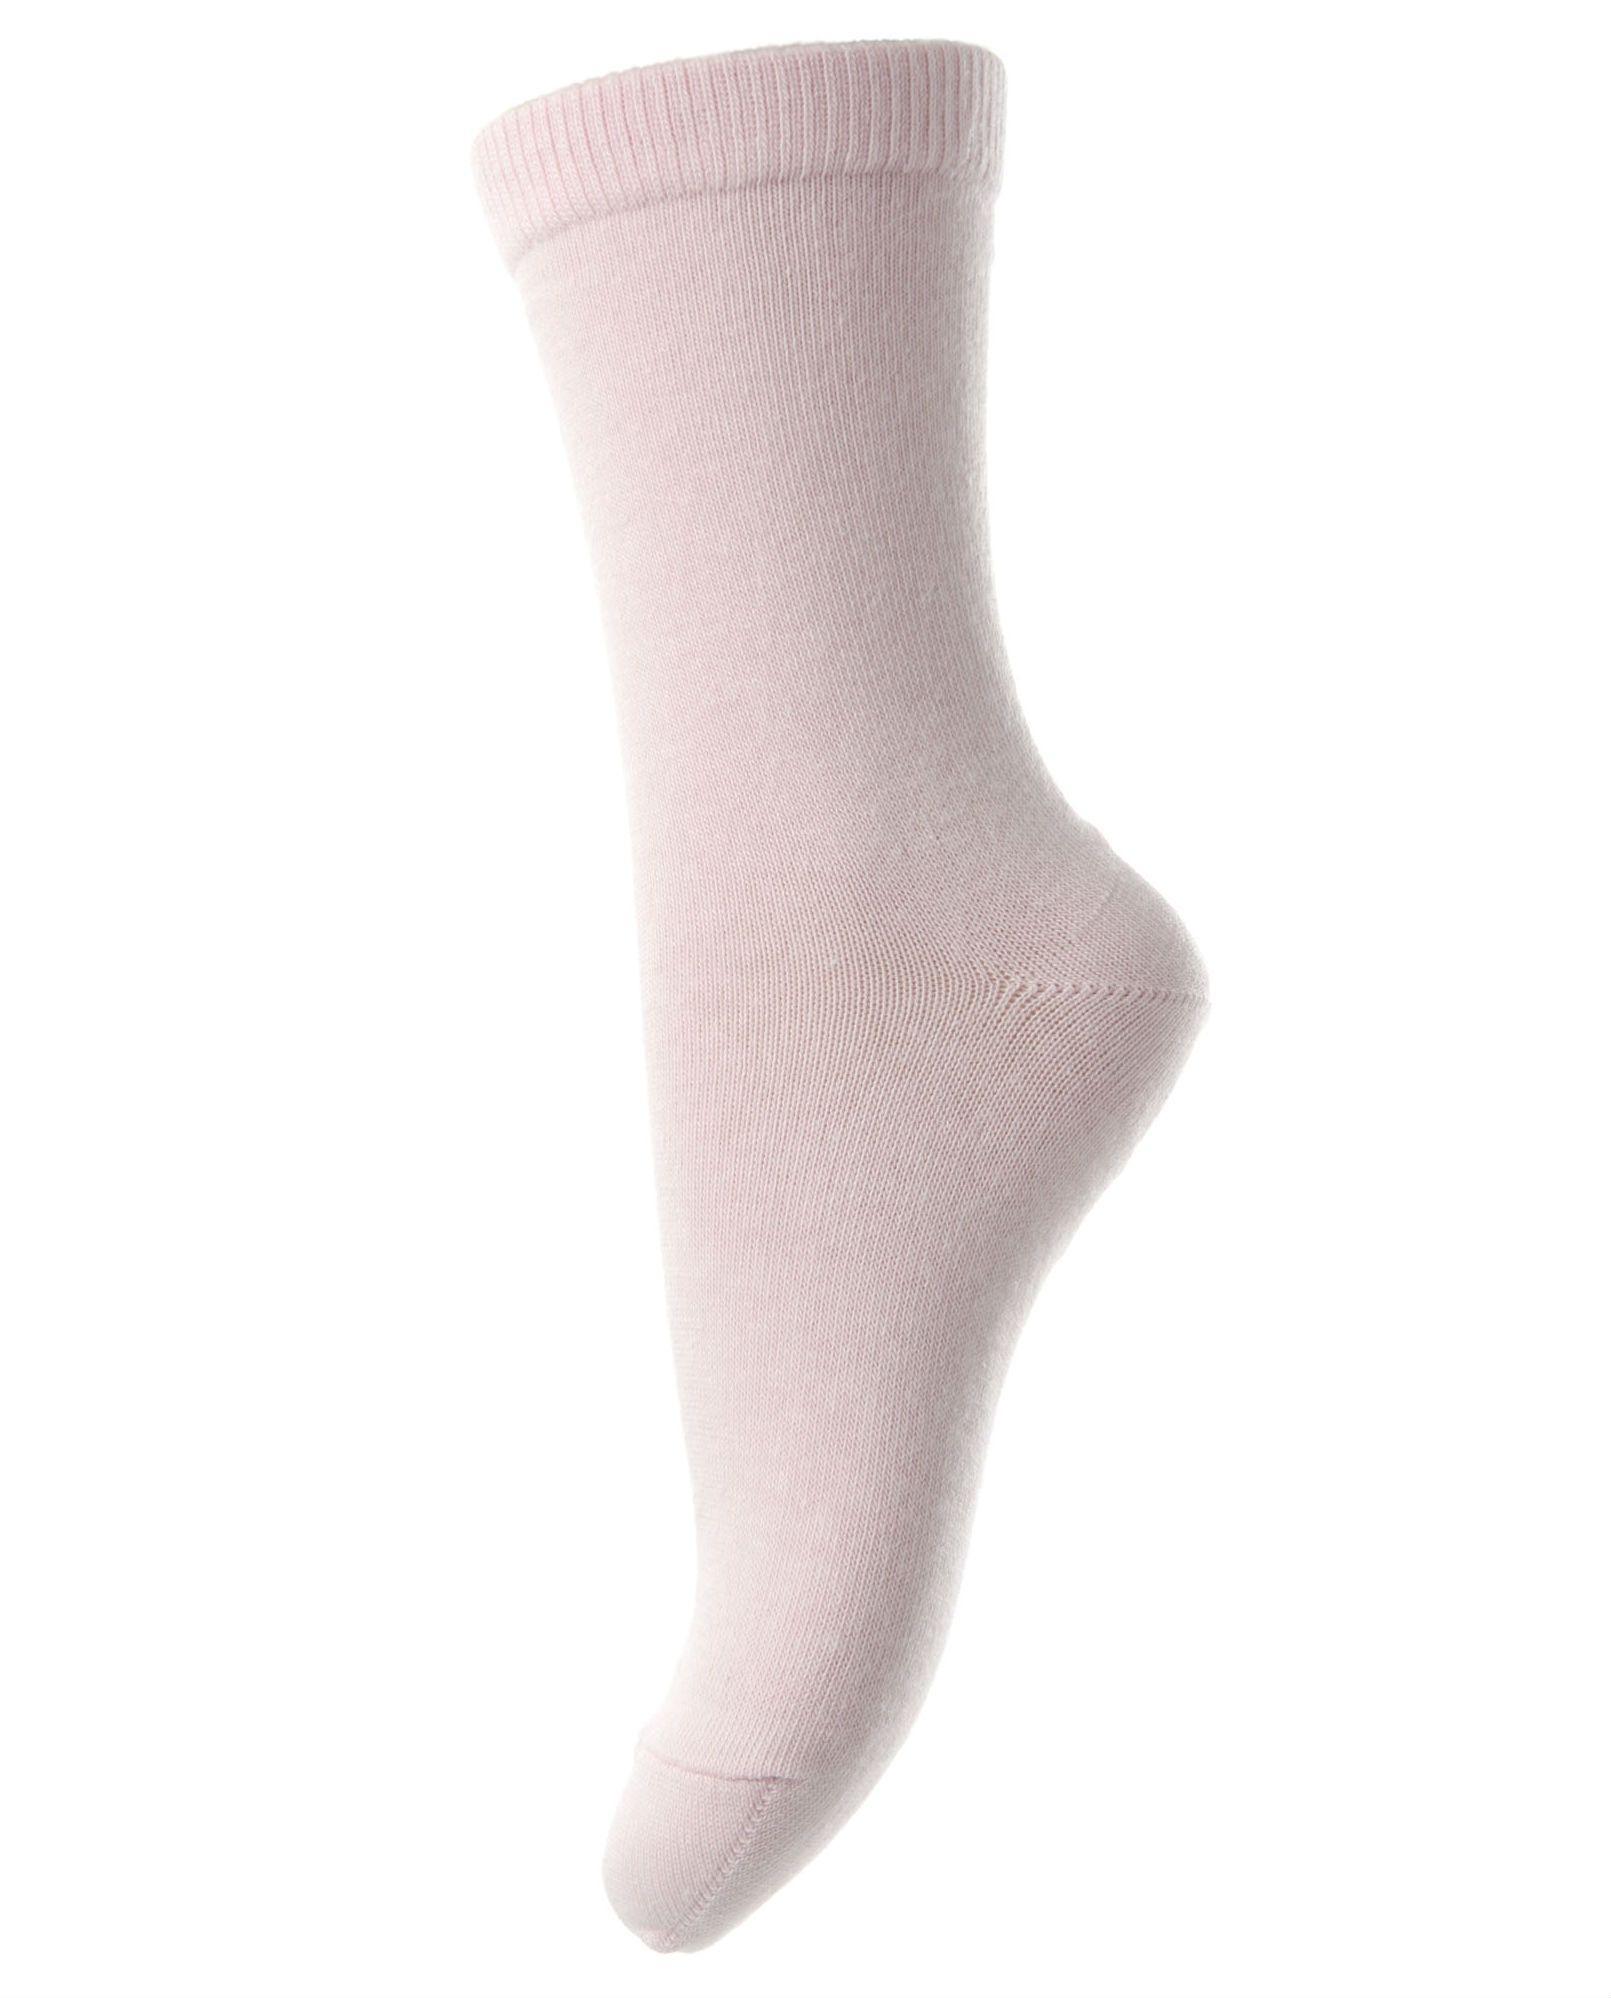 Image of Strømper i bomuld fra MP - Sart rosa (700-38)